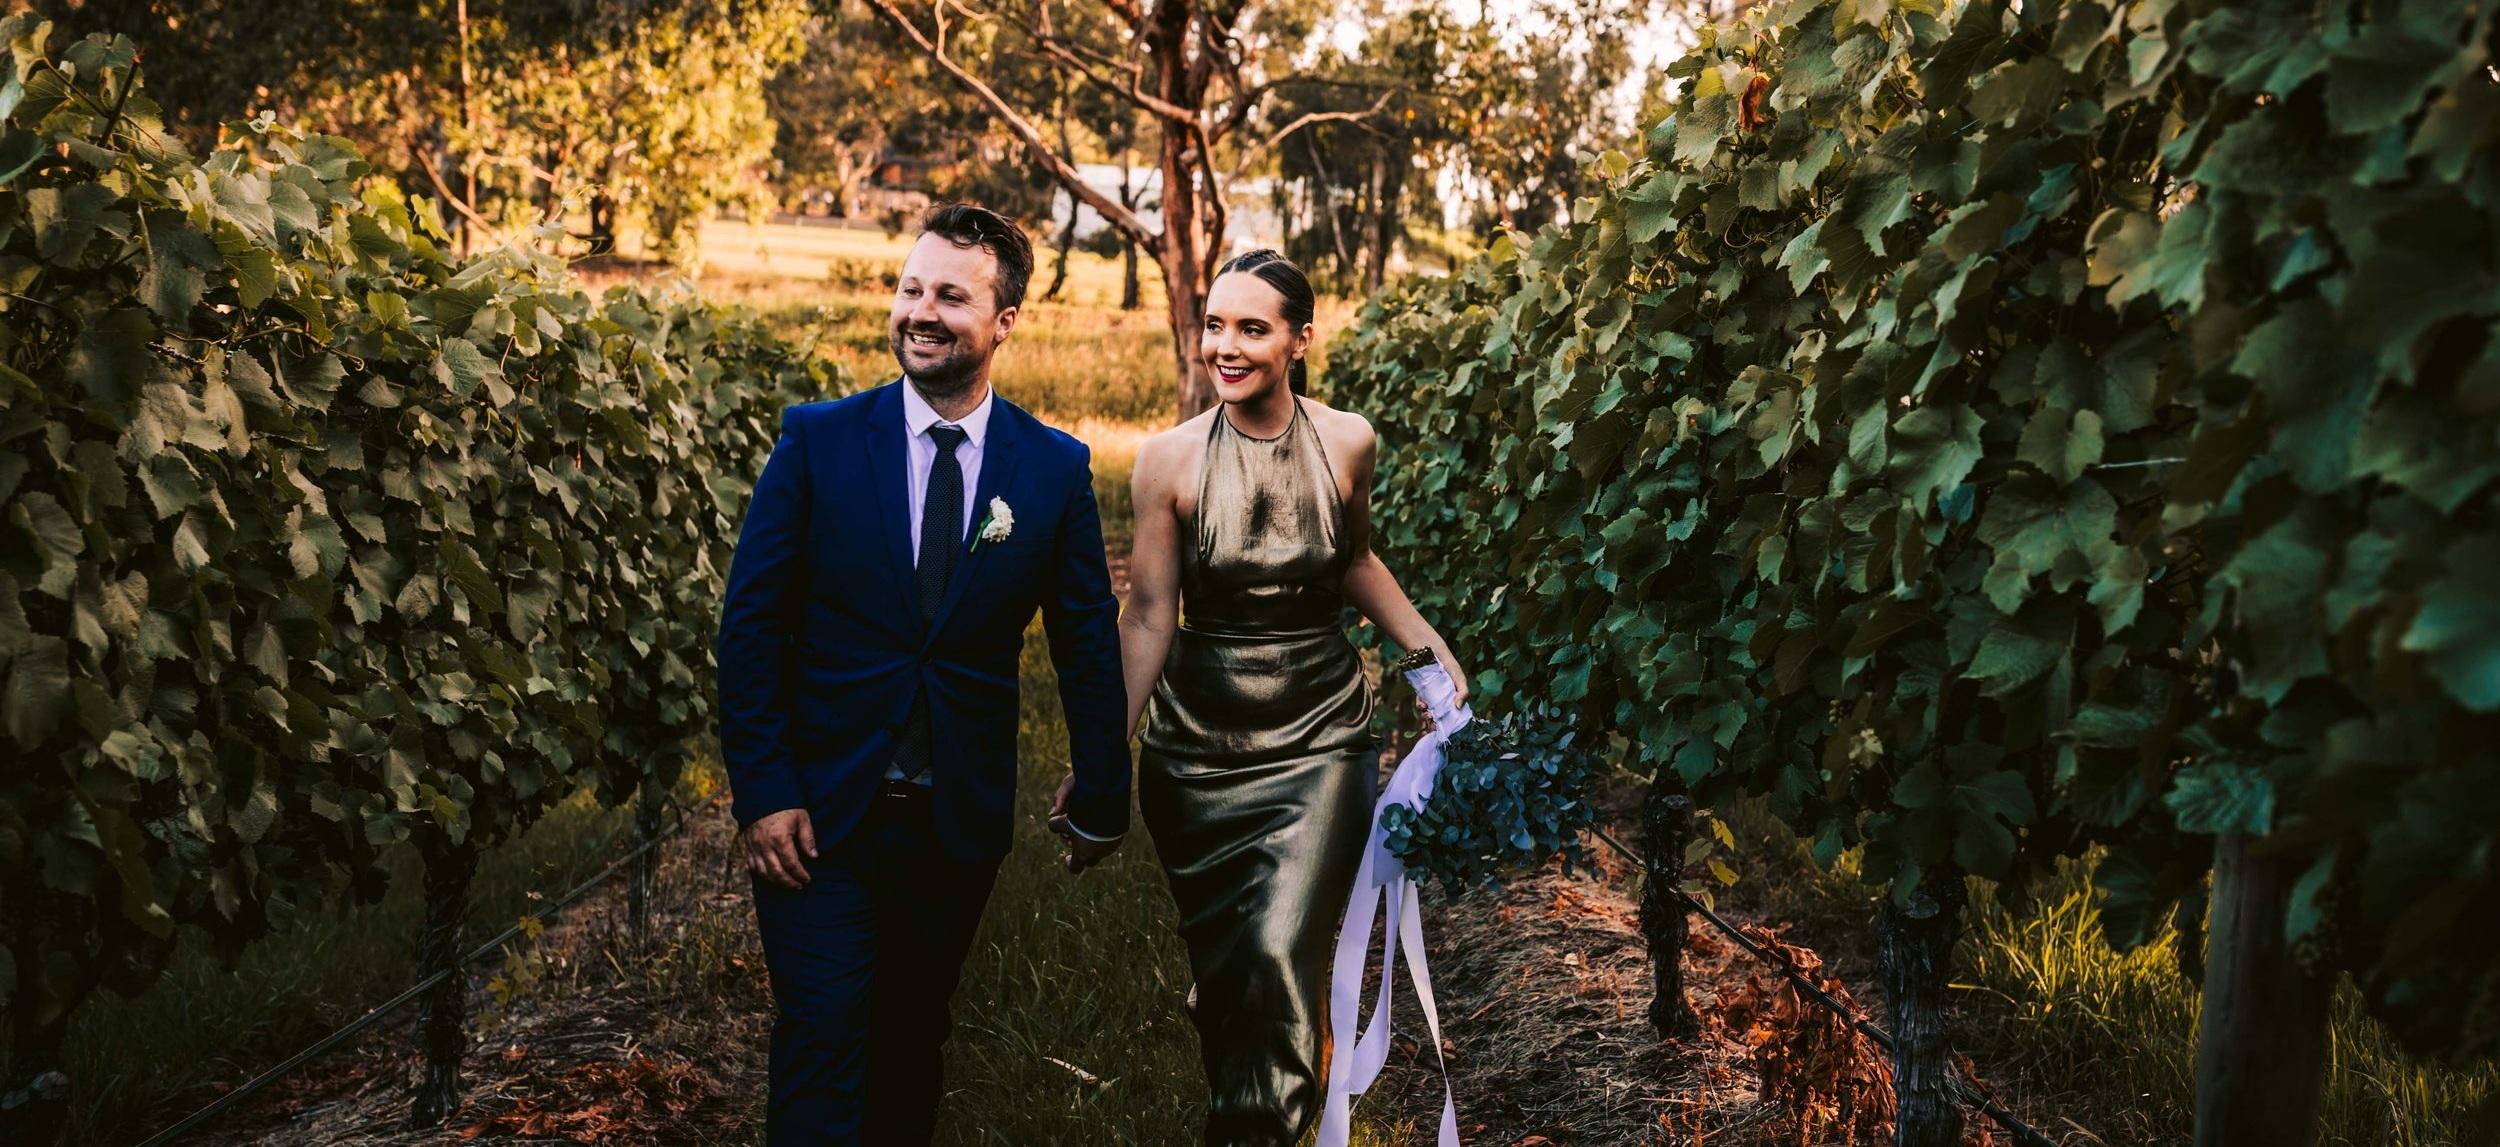 Lauren%26Jarrod_weddingSMALLRES+%28599+of+714%29.jpg